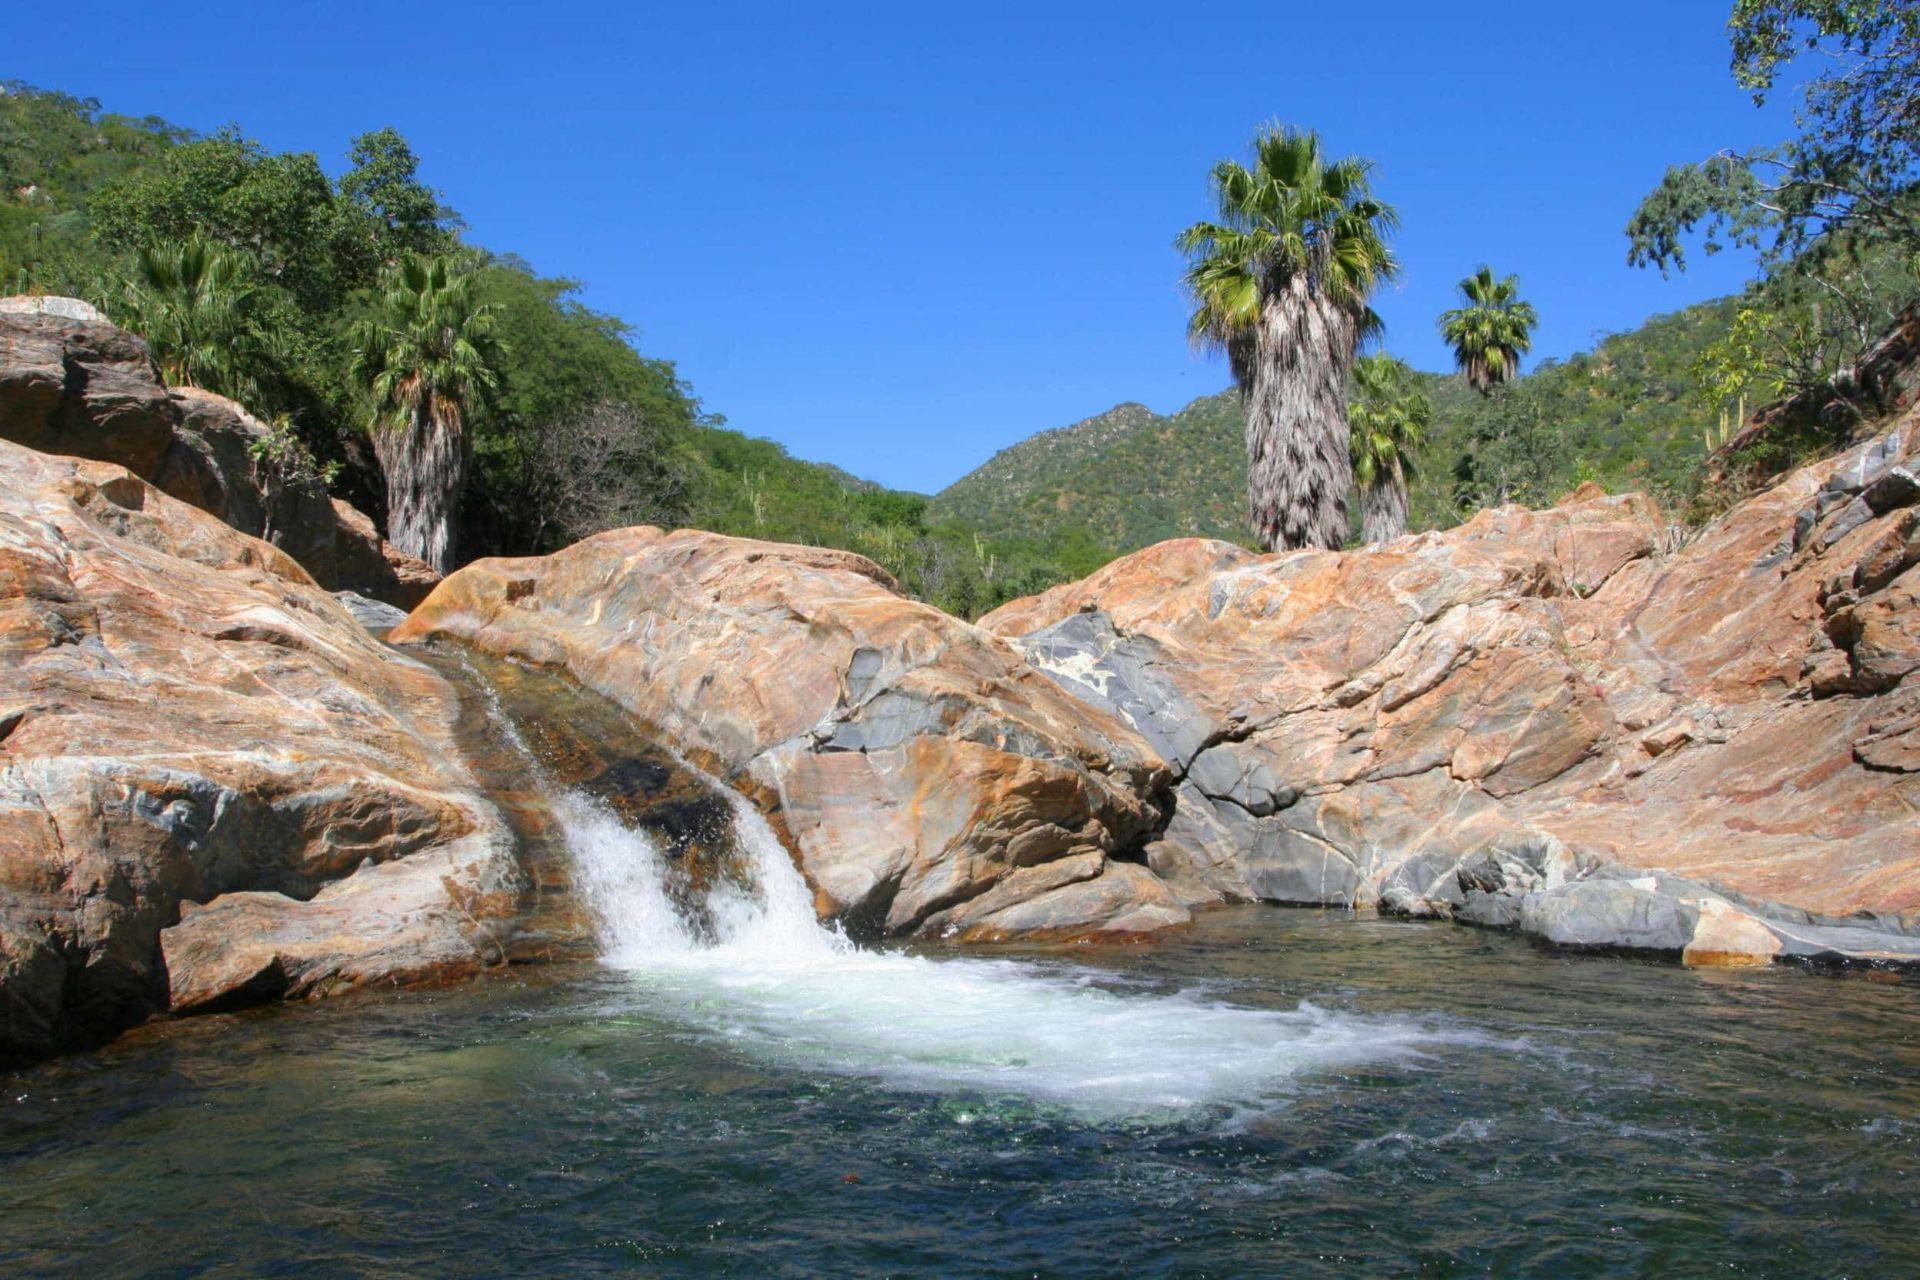 sierra de la laguna los cabos Baja California sur biosfera reserva